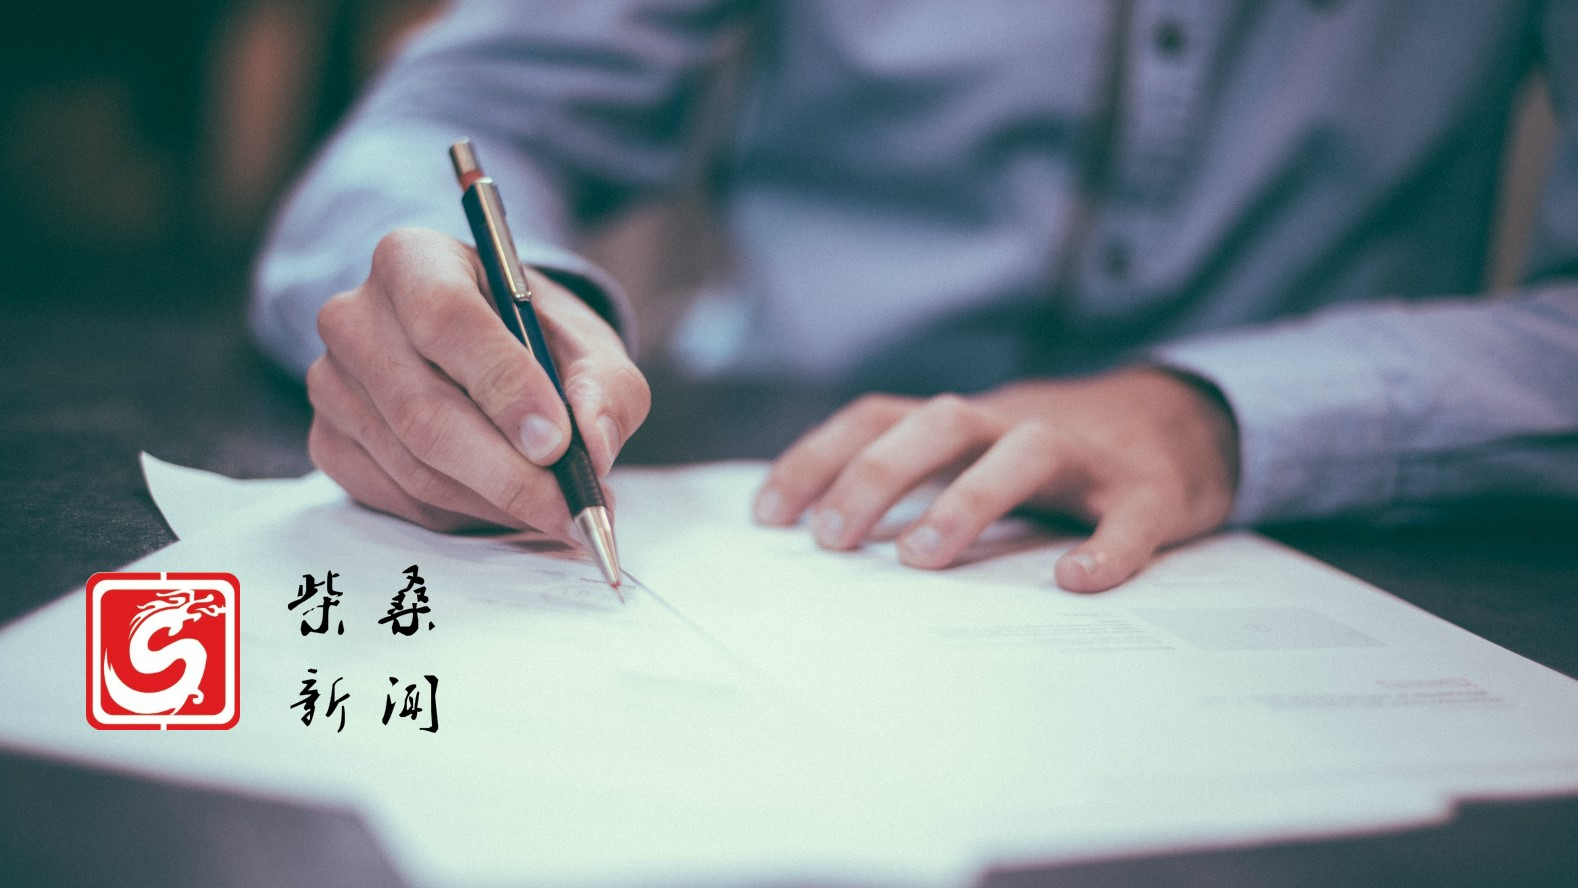 【柴桑新闻】我所汤雷律师受邀至九江市电子信息技术协会作《民法典》专题法制培训